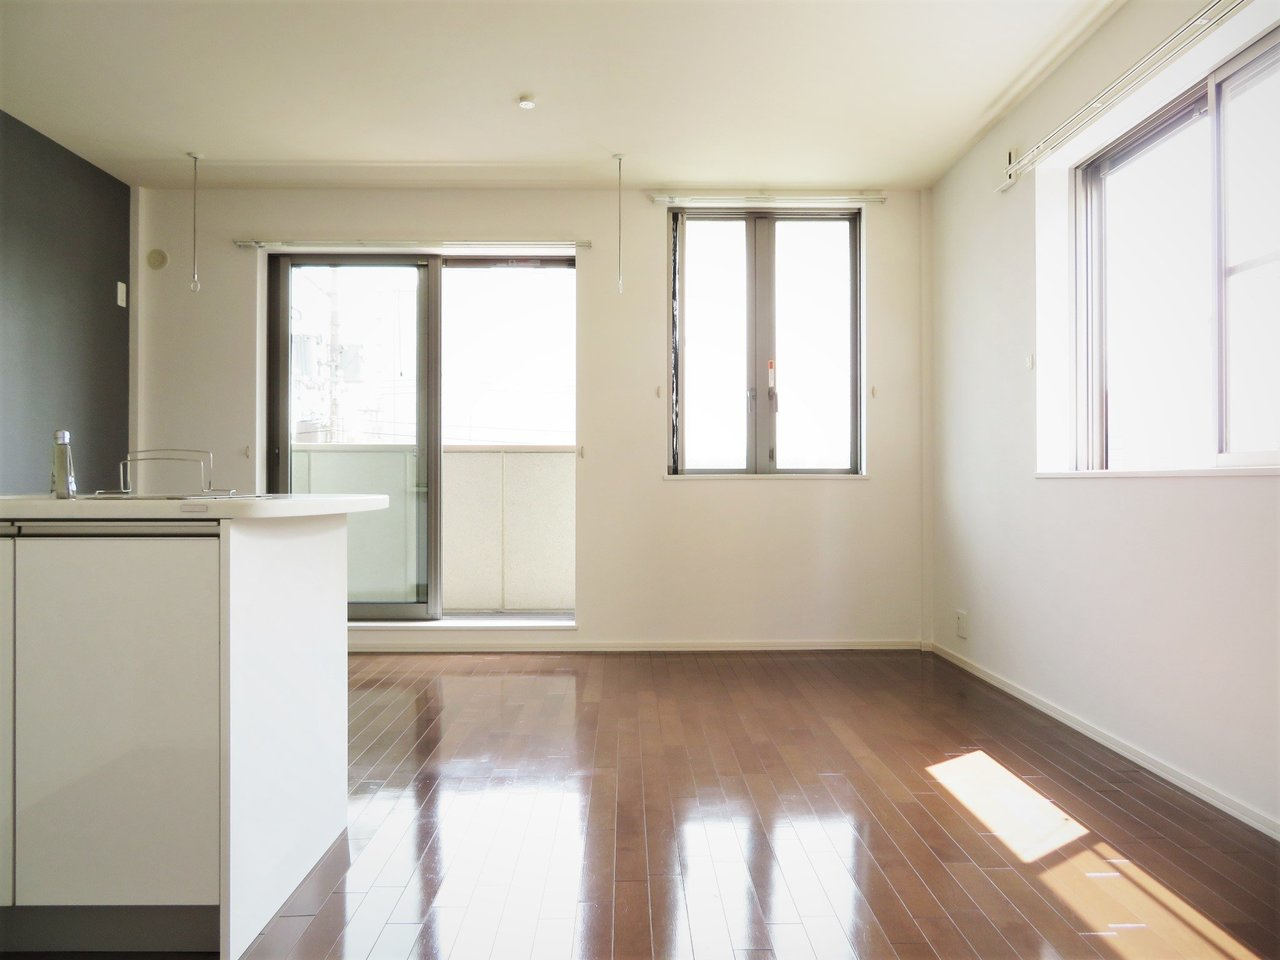 1フロアに1戸、1LDKのお部屋です。角部屋になるので、2面採光で室内はいつも日当たりが良く、隣の人の音を気にせずに暮らせるんです。